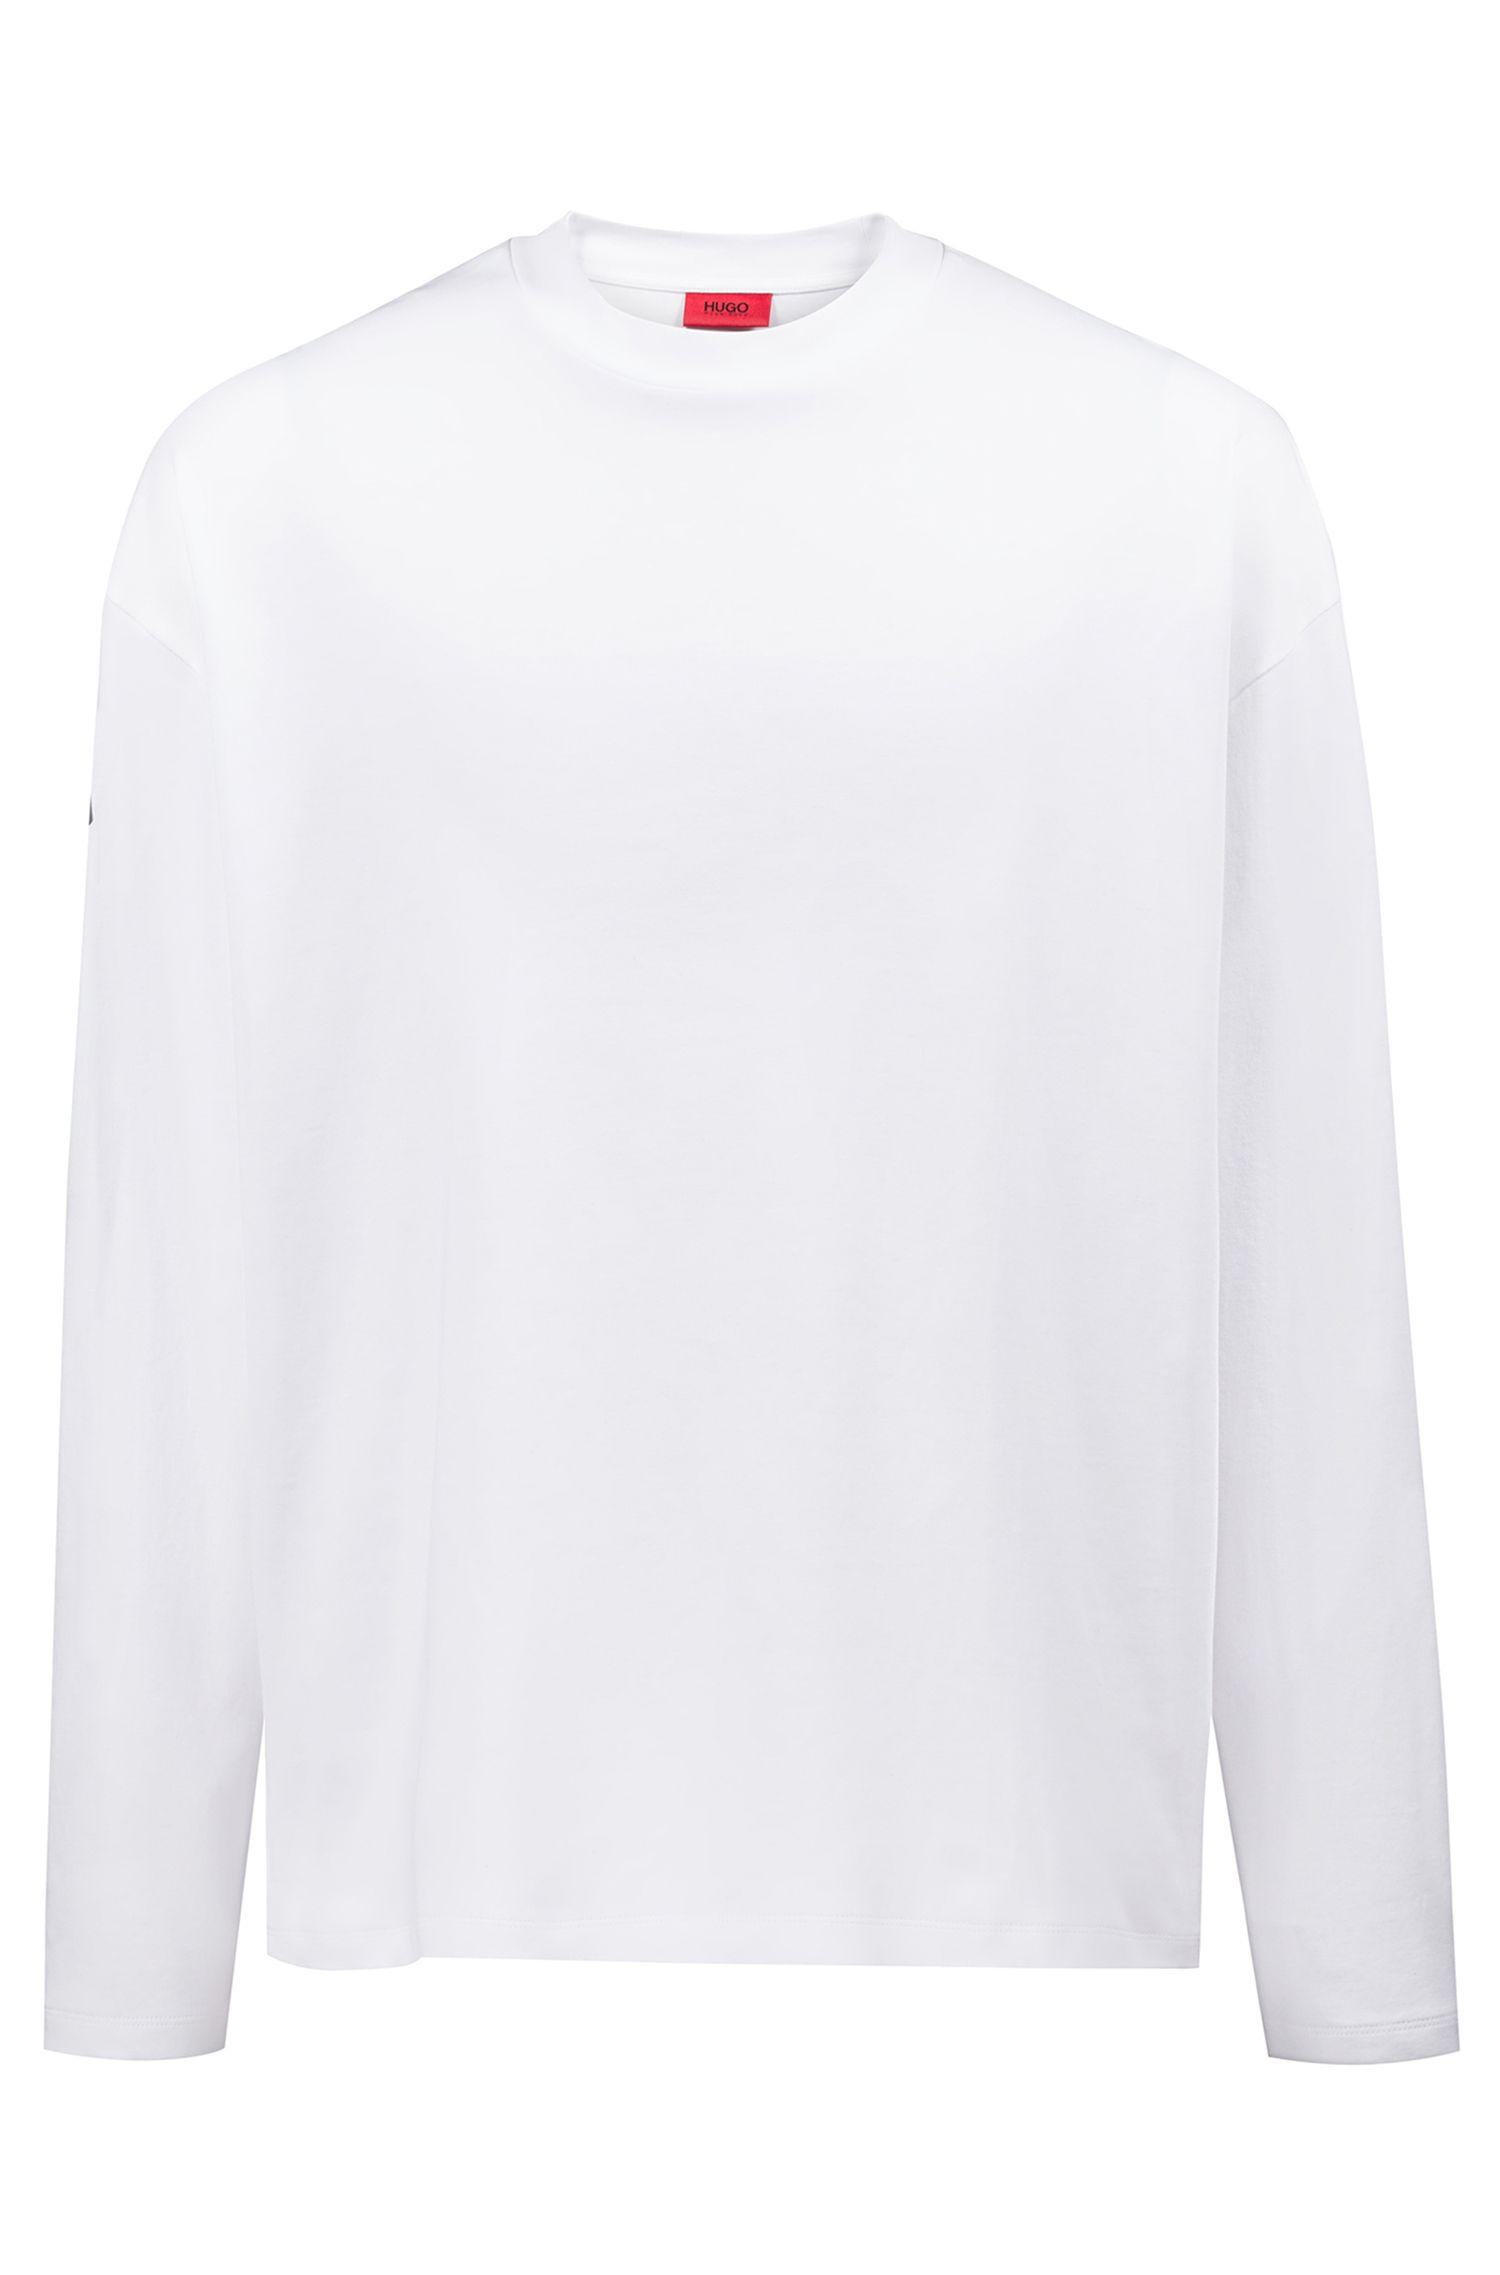 T-shirt Oversized Fit en coton avec coordonnées imprimées | Tuggl